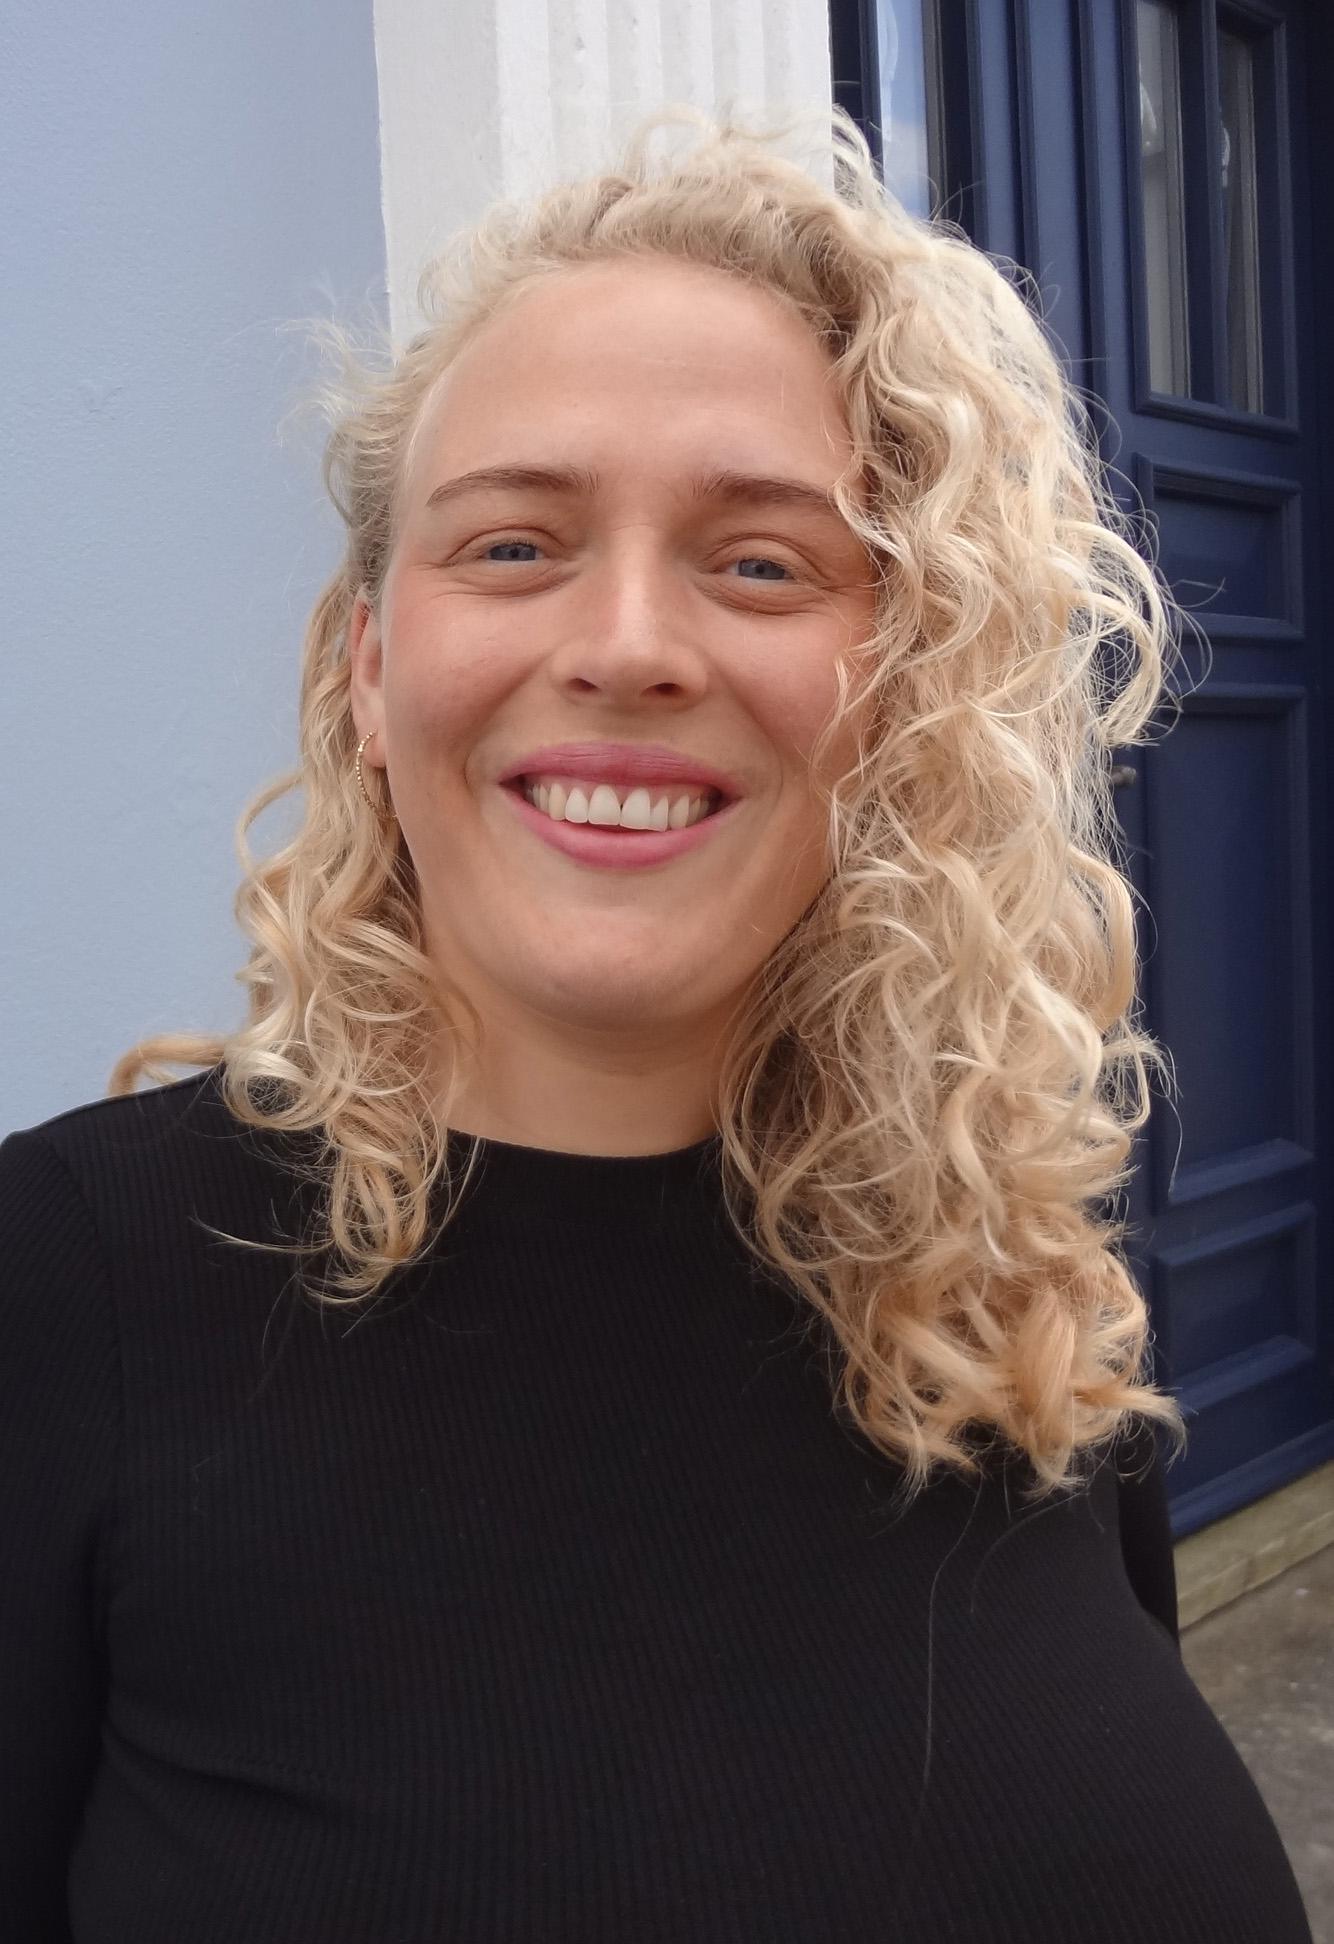 Laura Colstrup